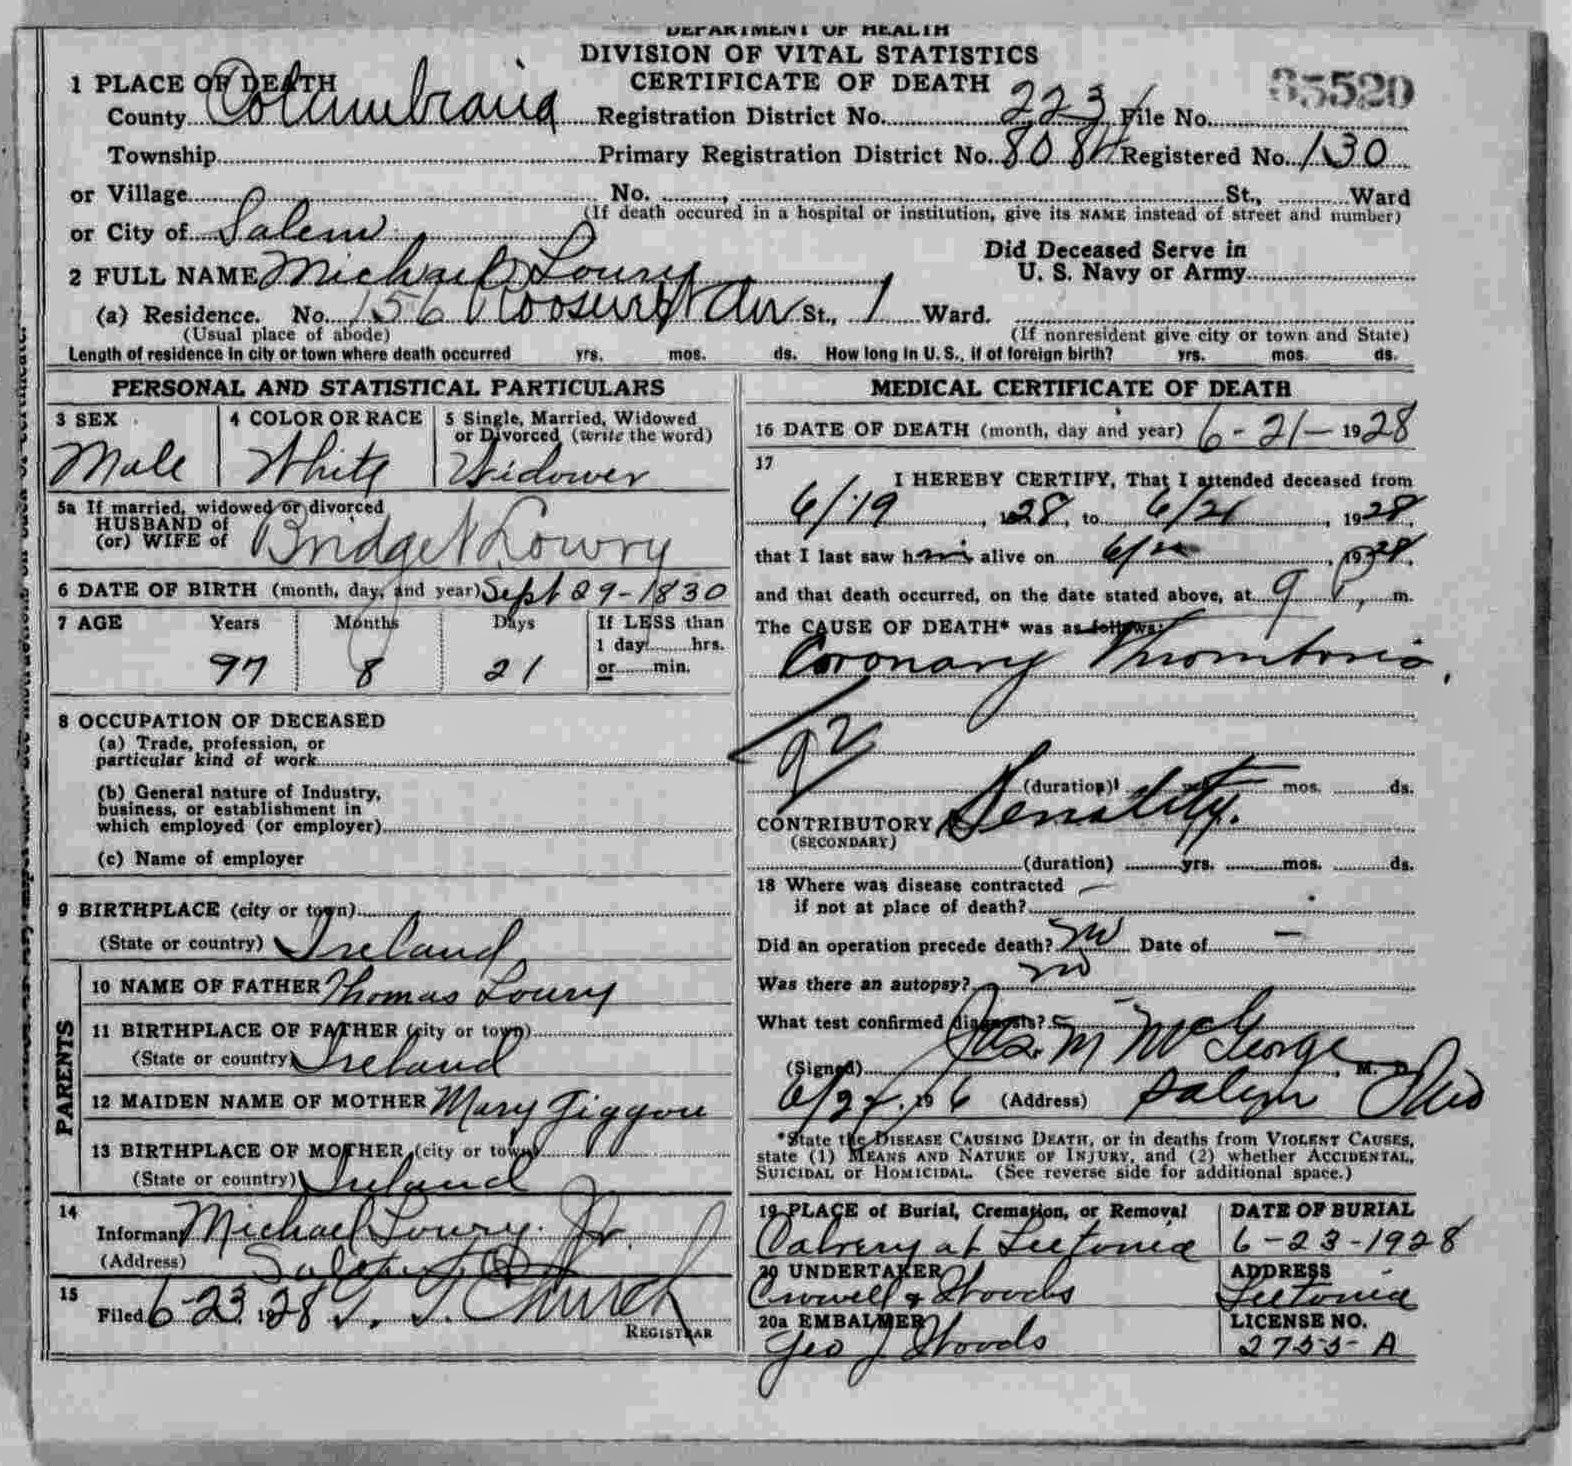 Death Certificate | lowry genealogy